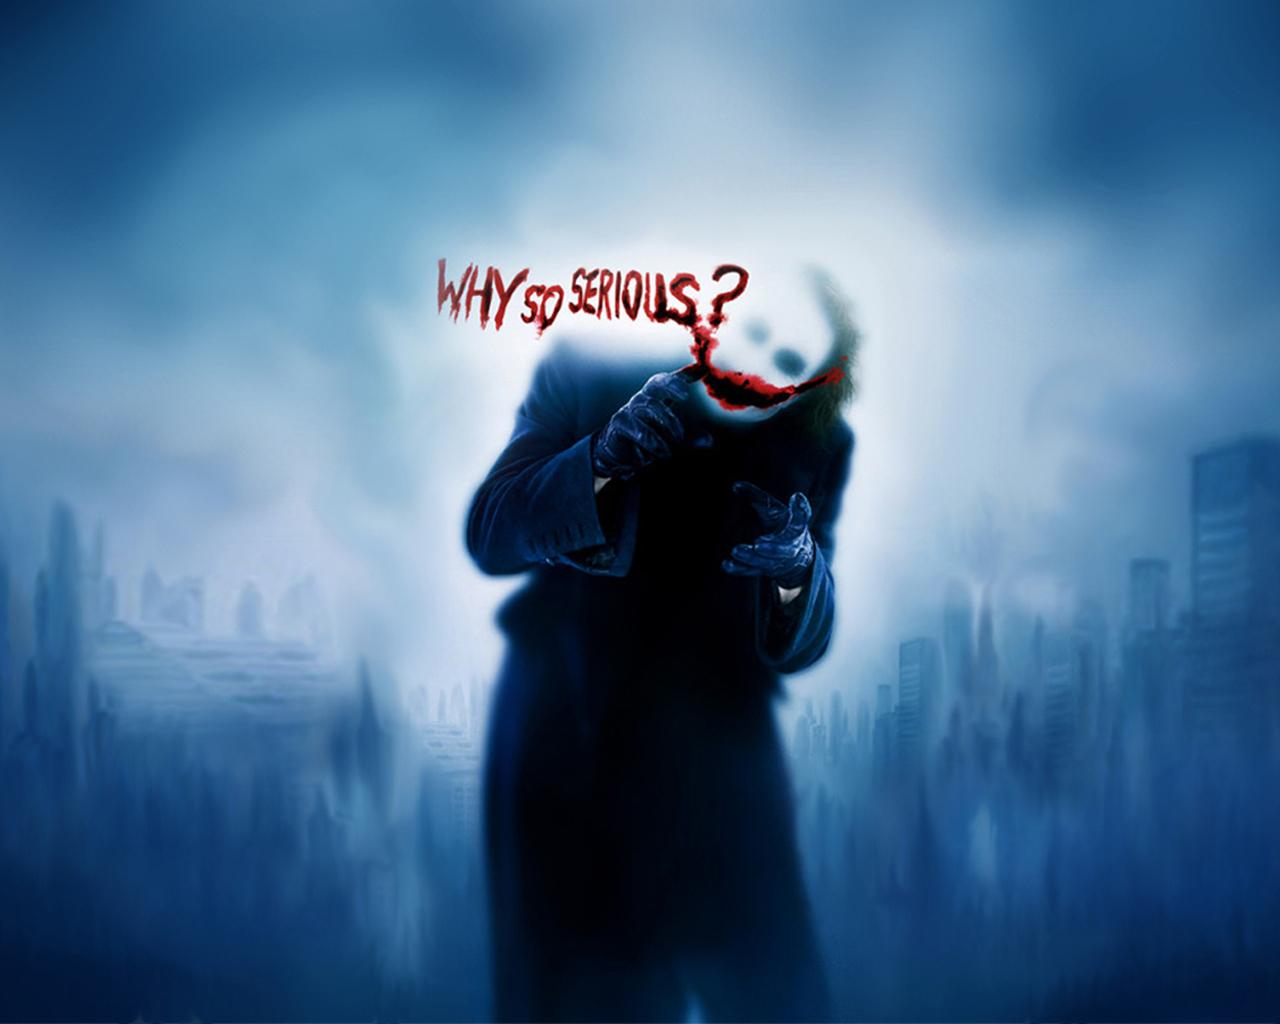 http://2.bp.blogspot.com/_YfUG4TqGx0w/TM_eXEN0H_I/AAAAAAAAAGc/T7zqgx2k7Pk/s1600/The-Joker.jpg